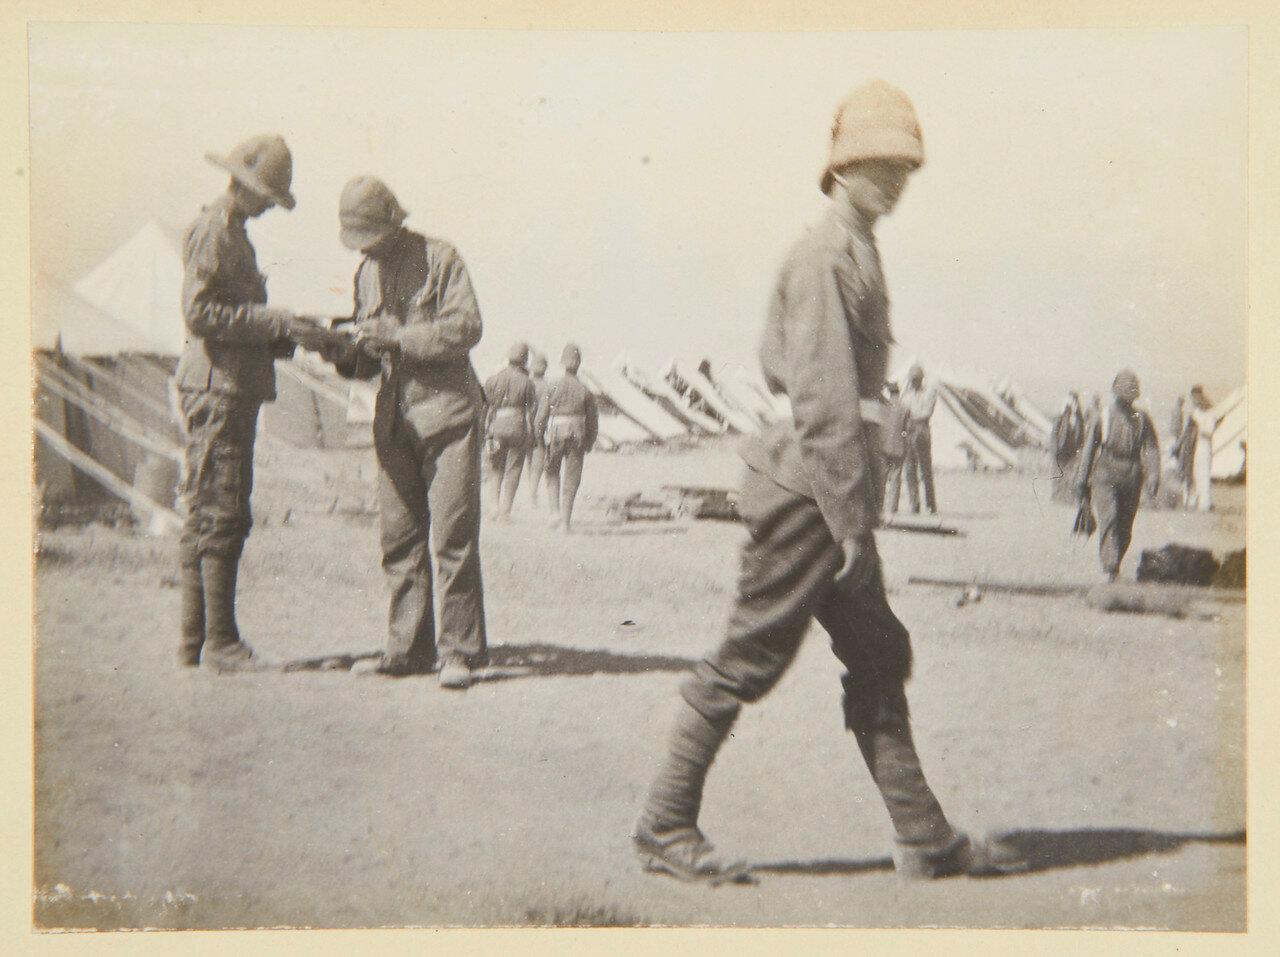 Гренадеры в Сиди Габер возле Александрии. Лагерь